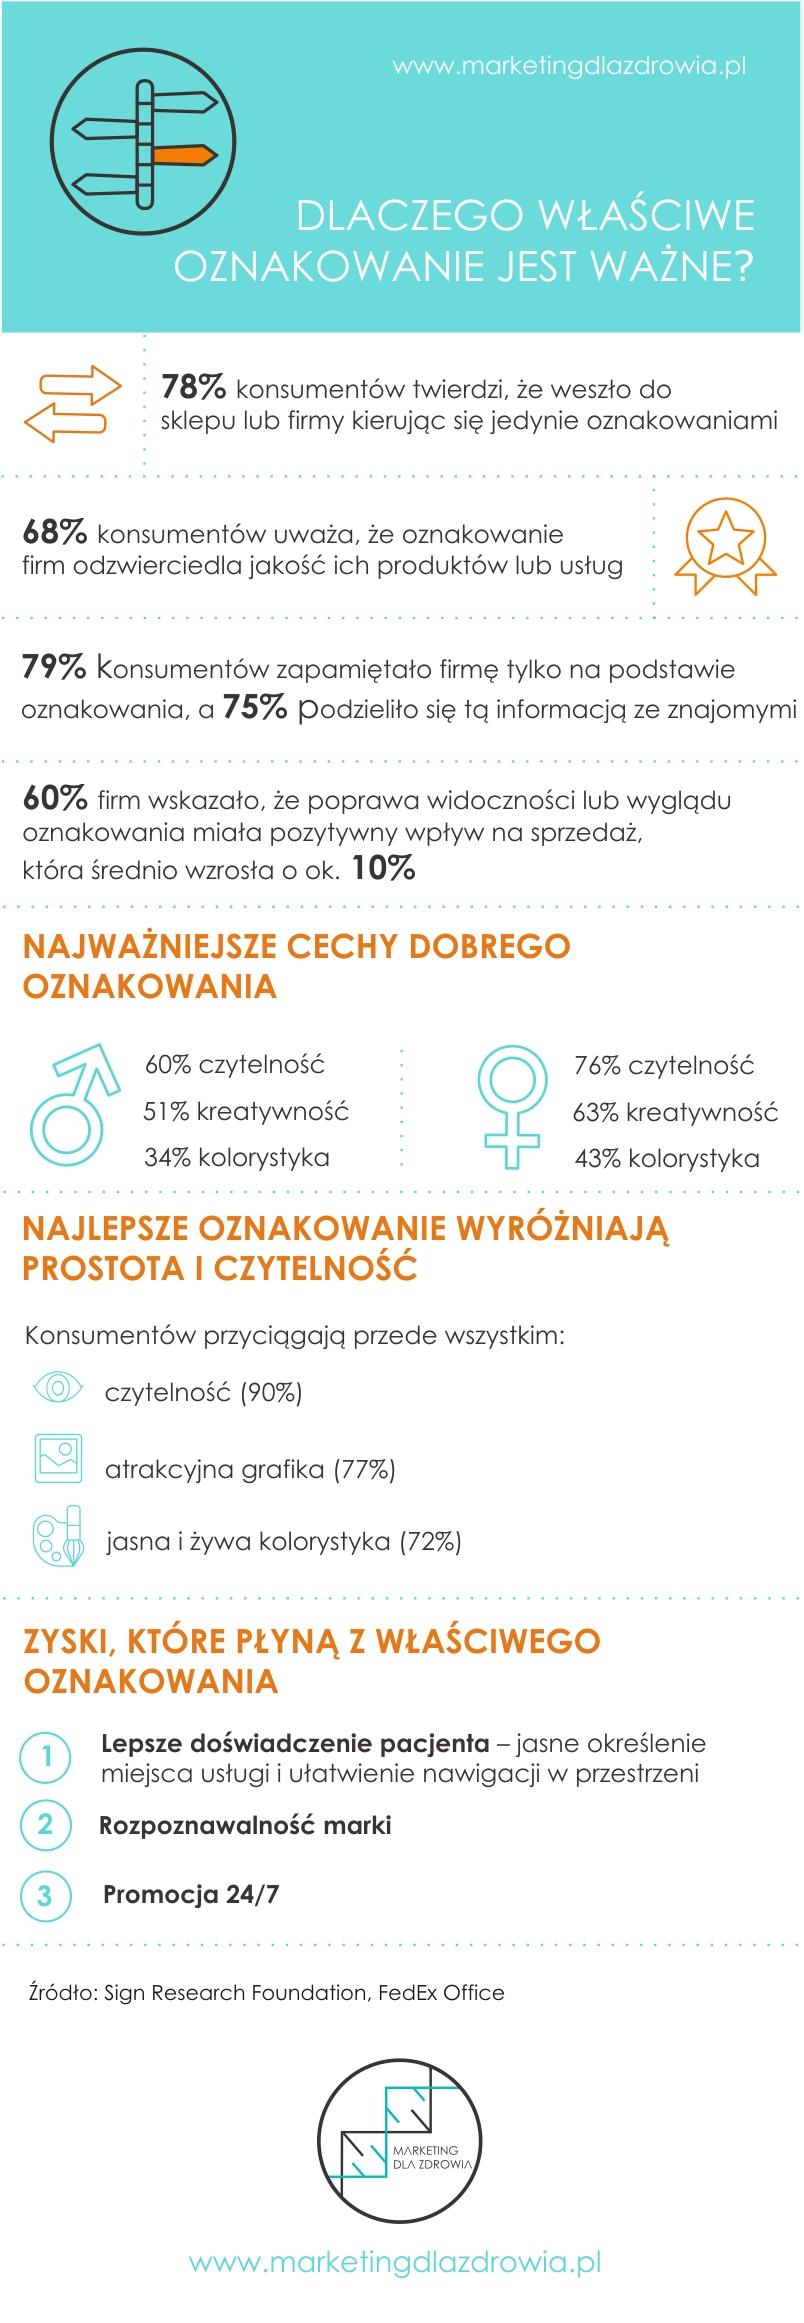 dlaczego-oznakowanie-jest-wazne-infografika2